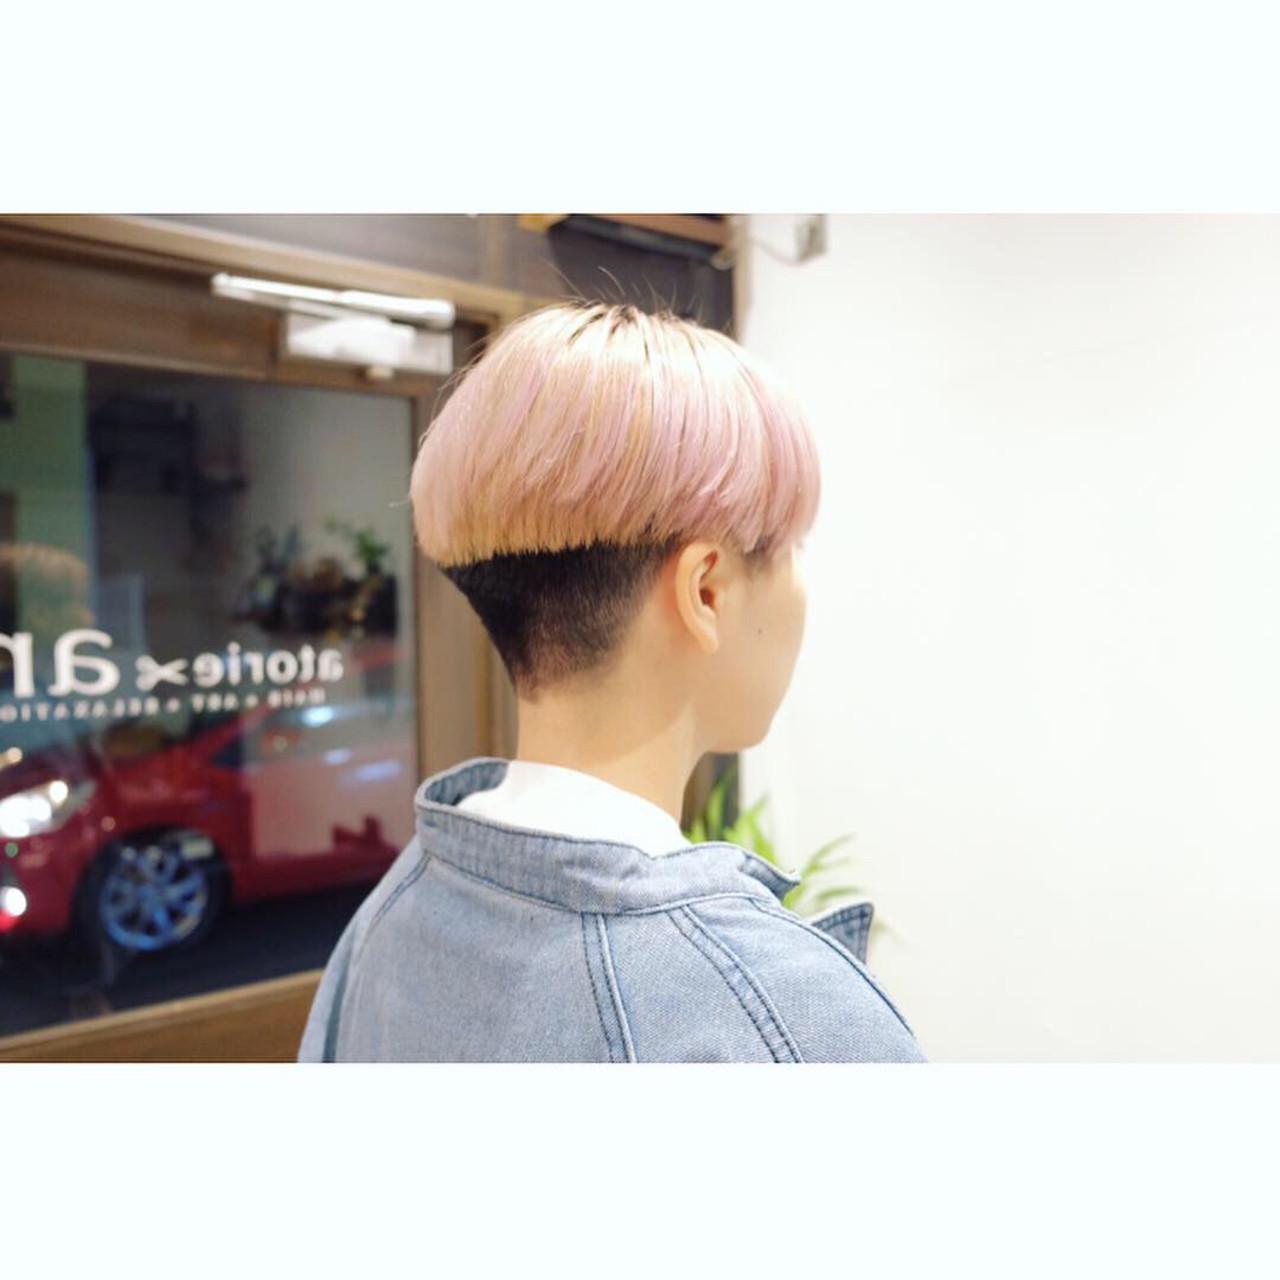 刈り上げショート ハイトーンカラー 刈り上げ女子 ストリート ヘアスタイルや髪型の写真・画像